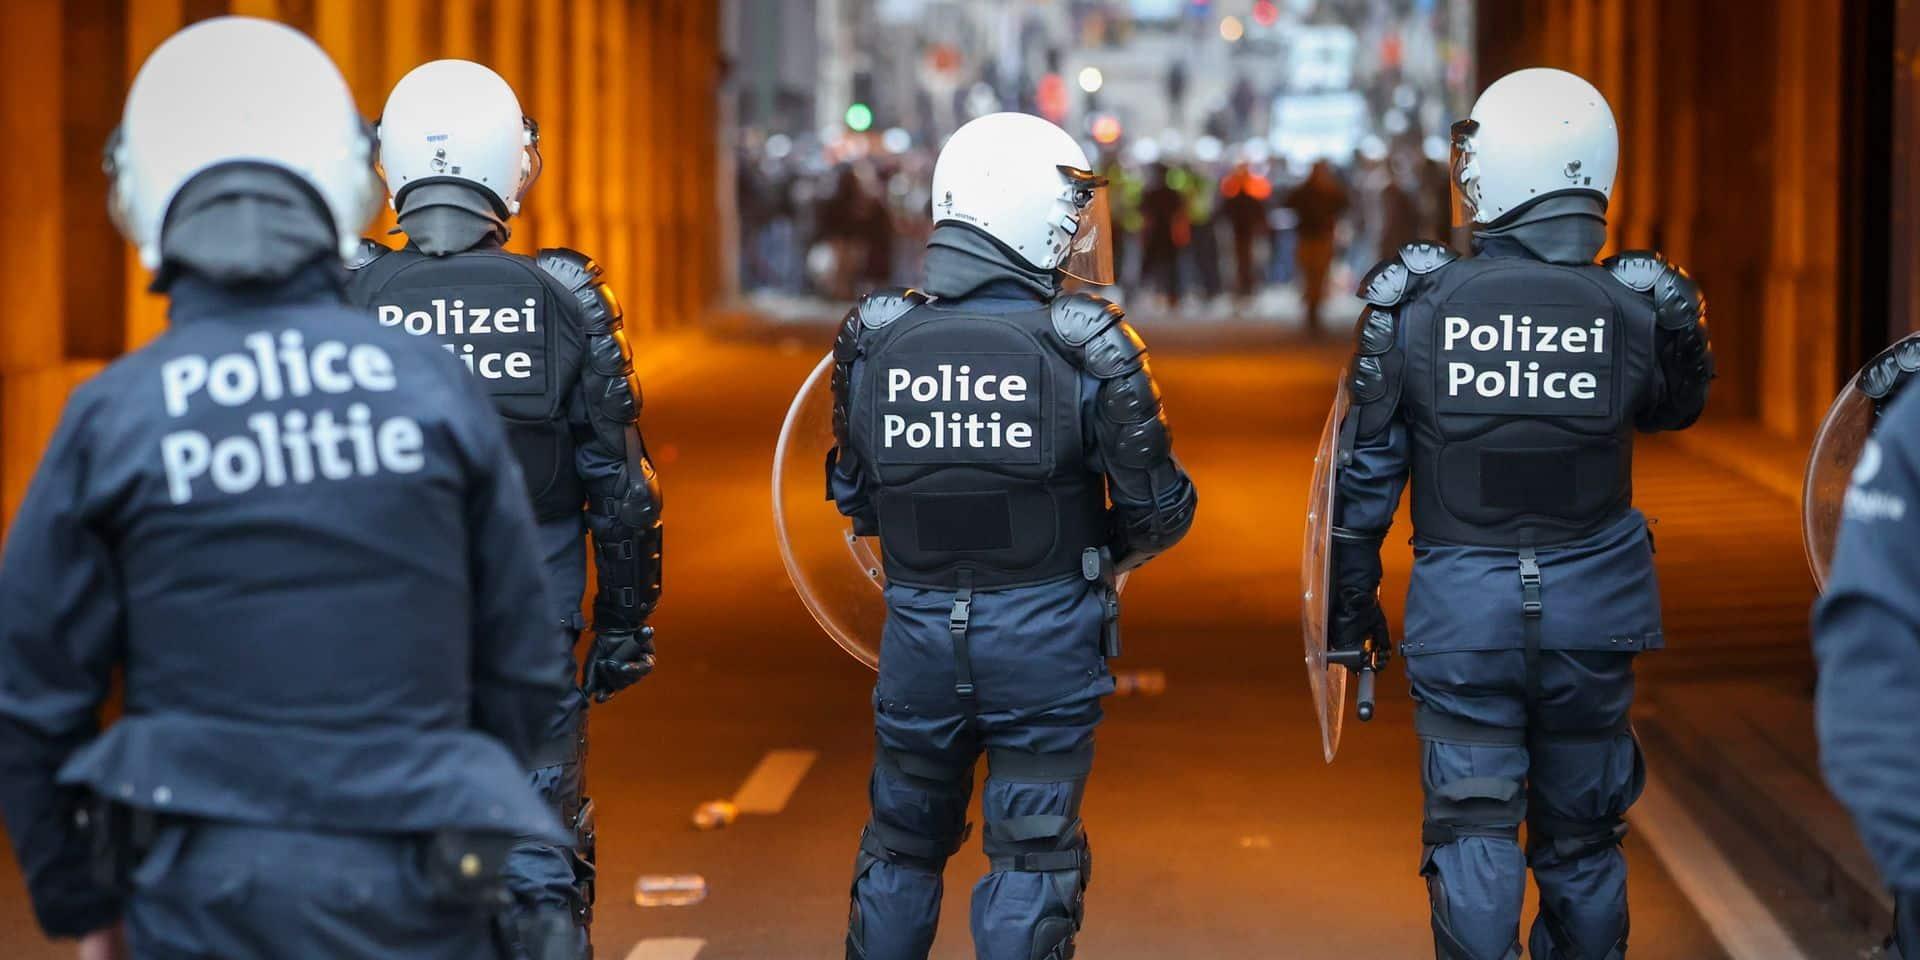 """Tous les flics sont-ils incompétents? """"Certains événements ont eu un impact sur l'image de la police"""""""